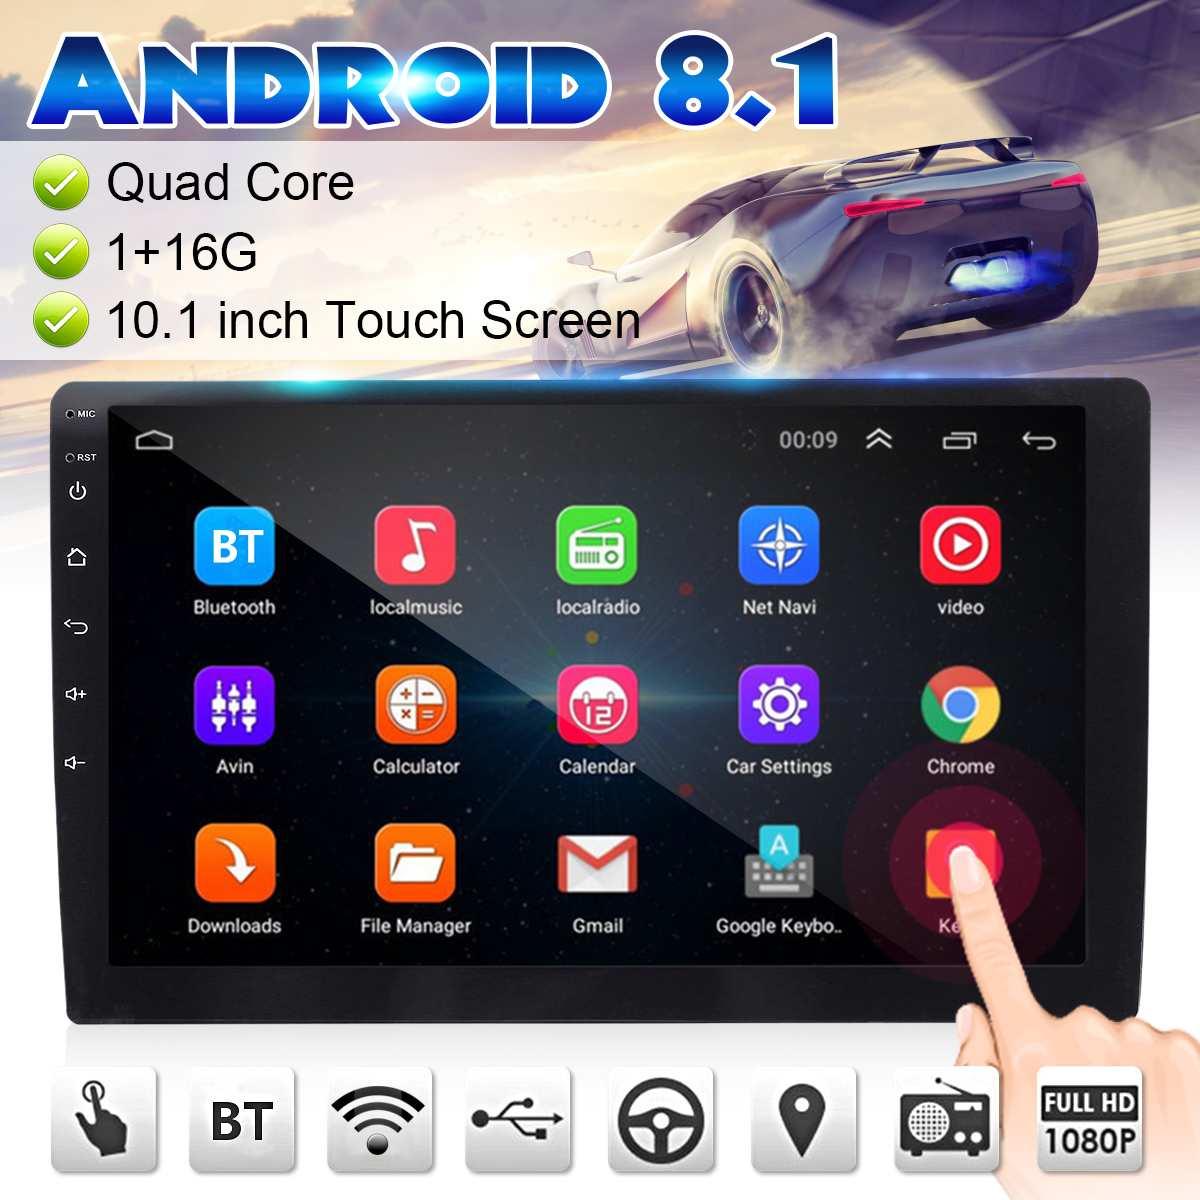 7/9/10.1 pouces Android 8.1 autoradio 2DIN bluetooth WIFI GPS Nav Quad Core Radio vidéo MP5 lecteur voiture lecteur multimédia 1 + 16G